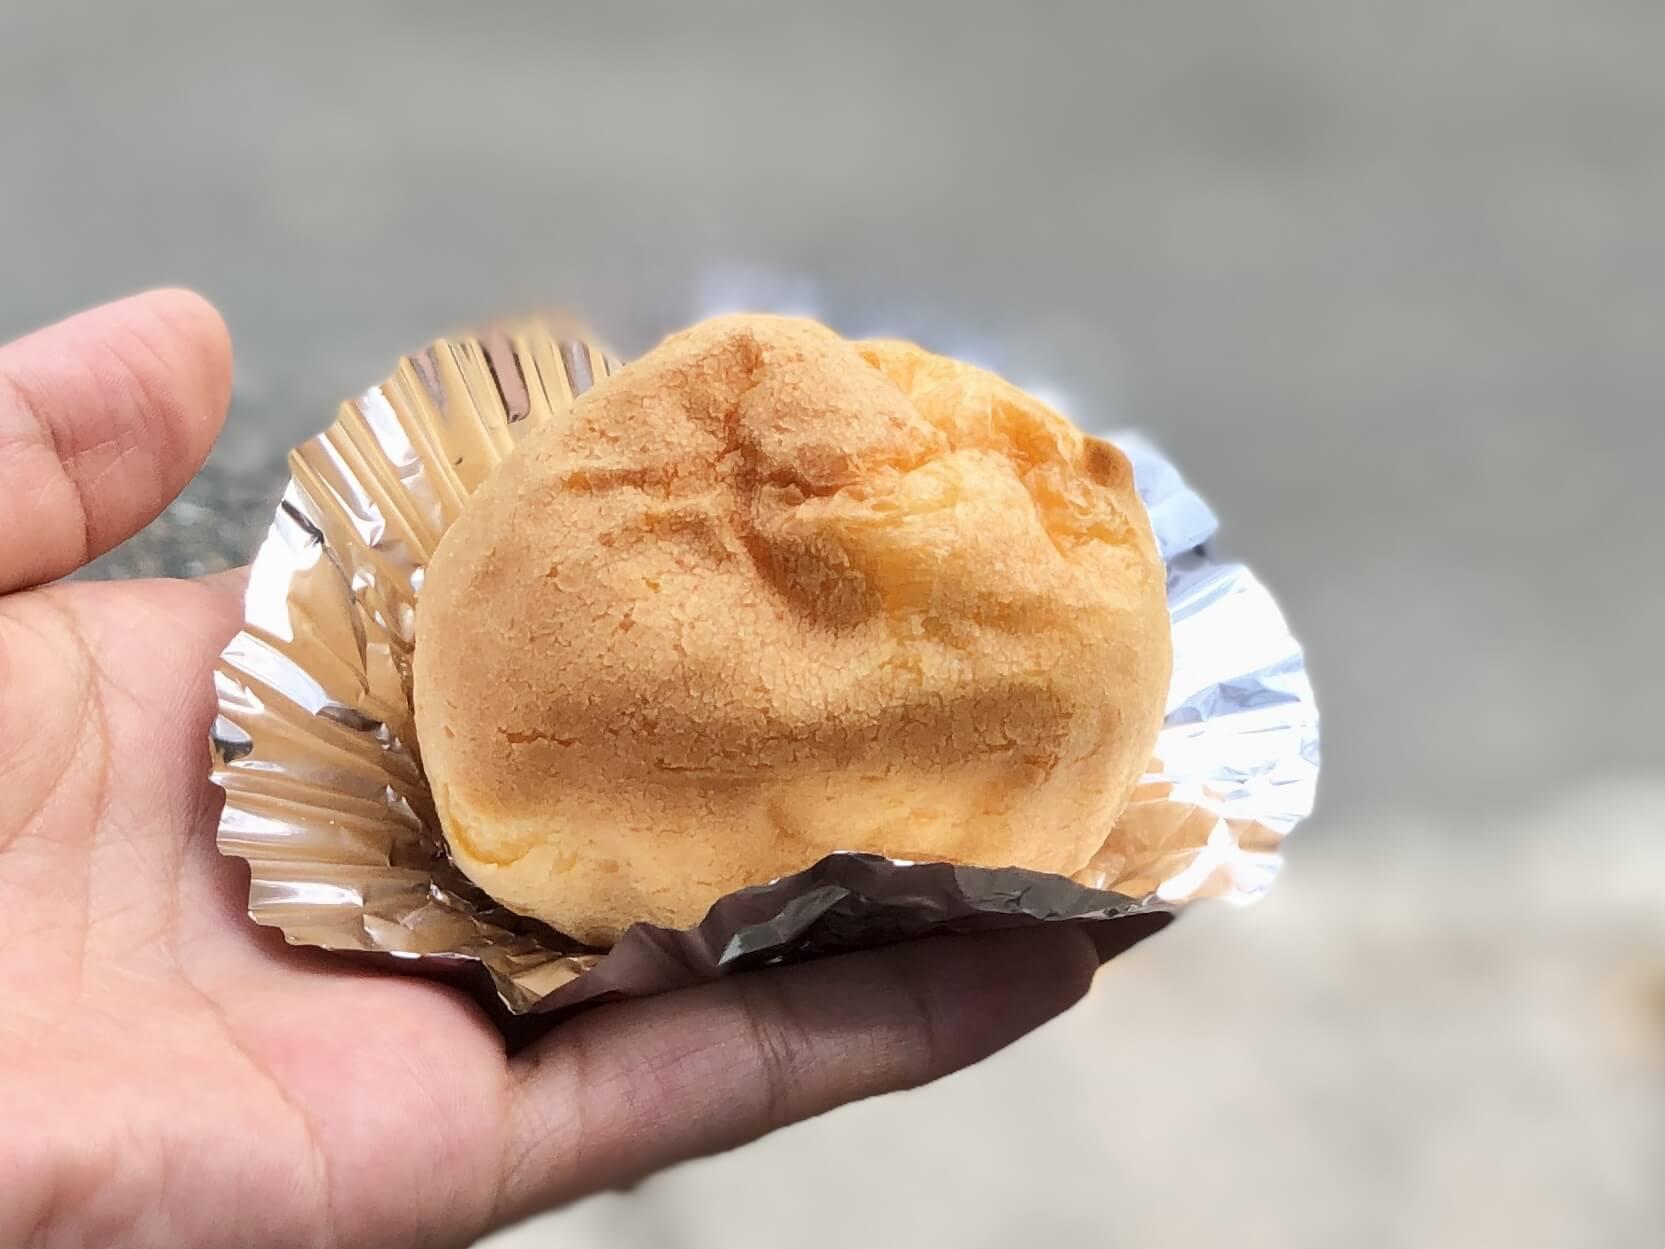 【菓子工房にじいろ – 阿蘇市内牧 – 】新食感!もちもちのシュークリームがクセになる